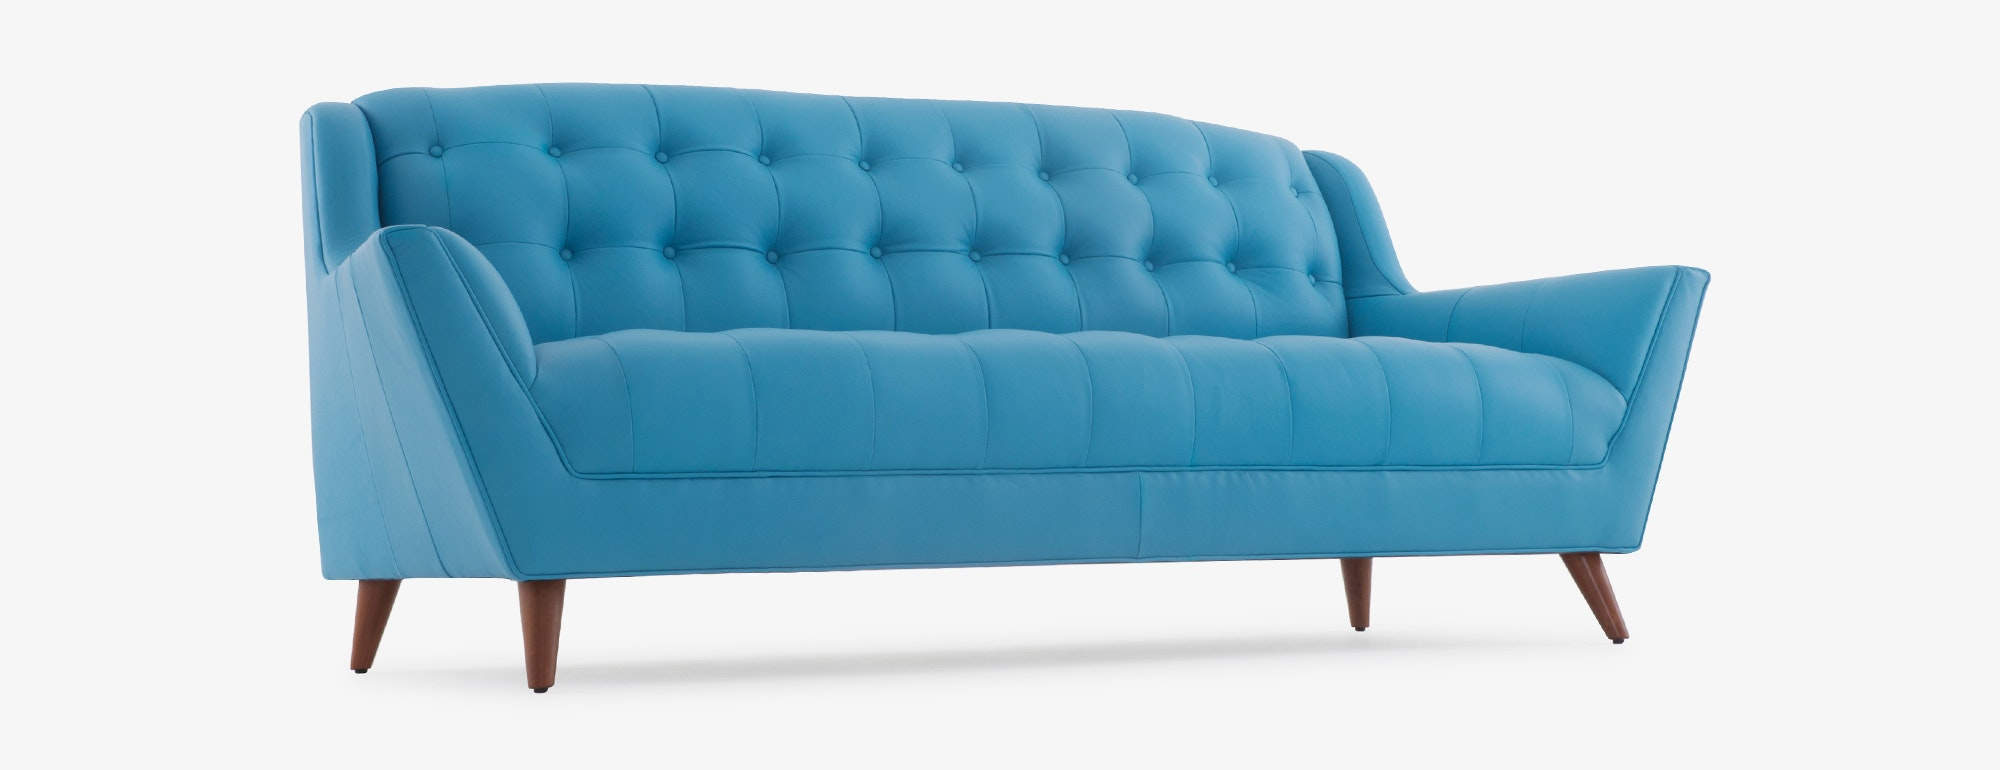 Aqua Blue Leather Sofa 28 Images 25 Best Ideas About